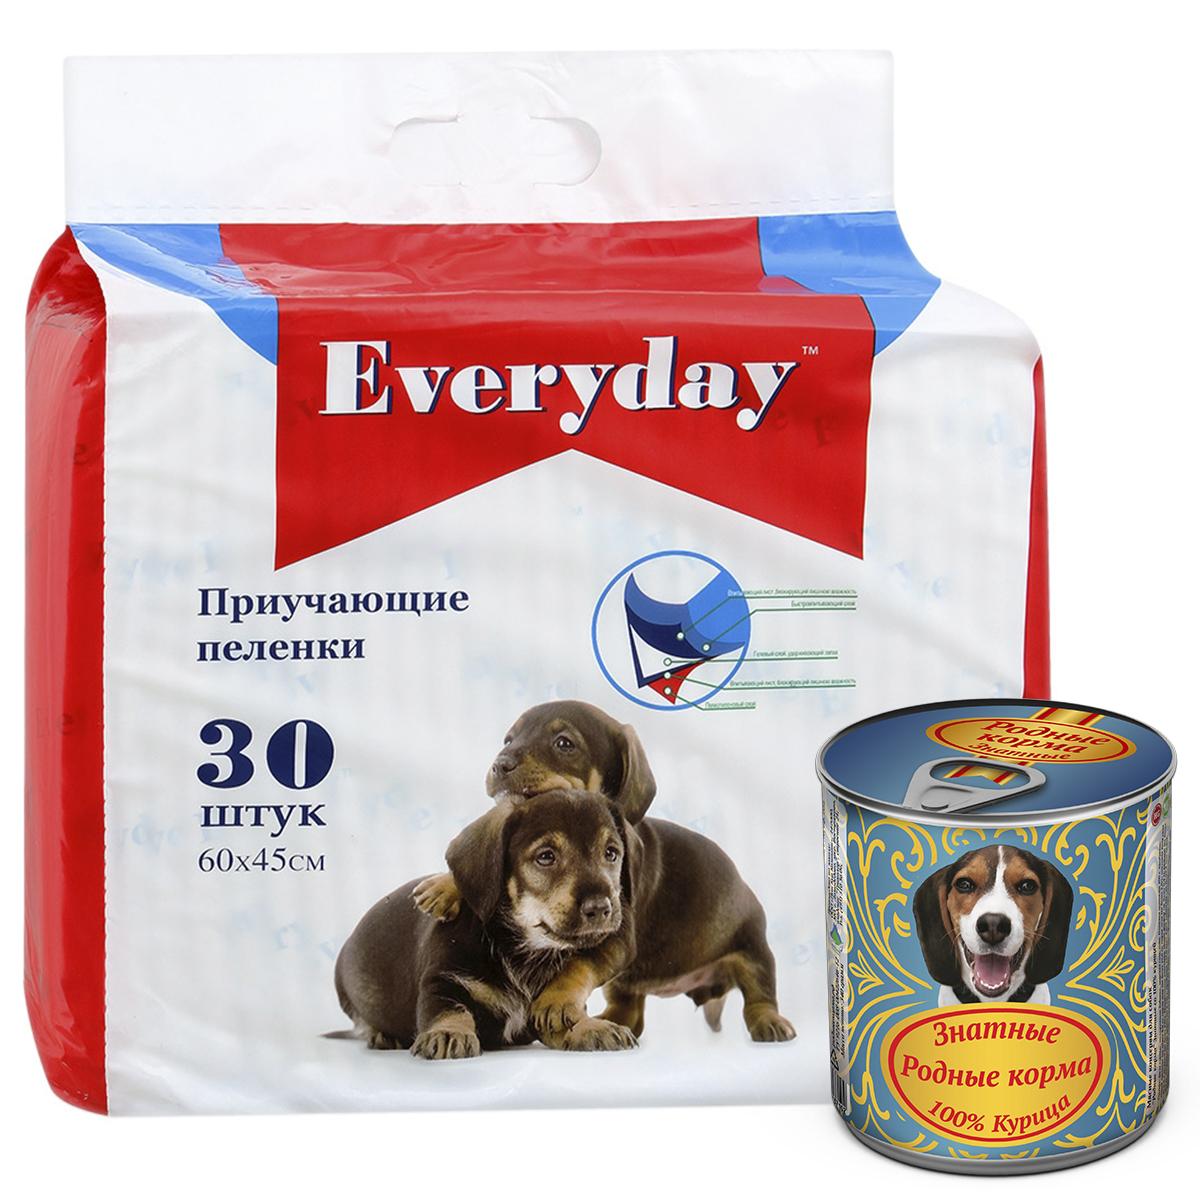 Пеленки для животных Everyday, впитывающие, гелевые, 60 х 45 см, 30 шт + ПОДАРОК: Консервы для собак Родные корма Знатные, 100 % Курица, 340 г65424Пелёнки для животных Everyday имеют ненавязчивый привлекающий аромат. Содержат специальный гель внутри впитывающего слоя, что позволяет продлить срок использования гигиенического изделия. Размер: 60 х 45 см.+ ПОДАРОК: Консервы для собак Родные корма Знатные, изготовлены из курицы. Объем консервов: 340 г.